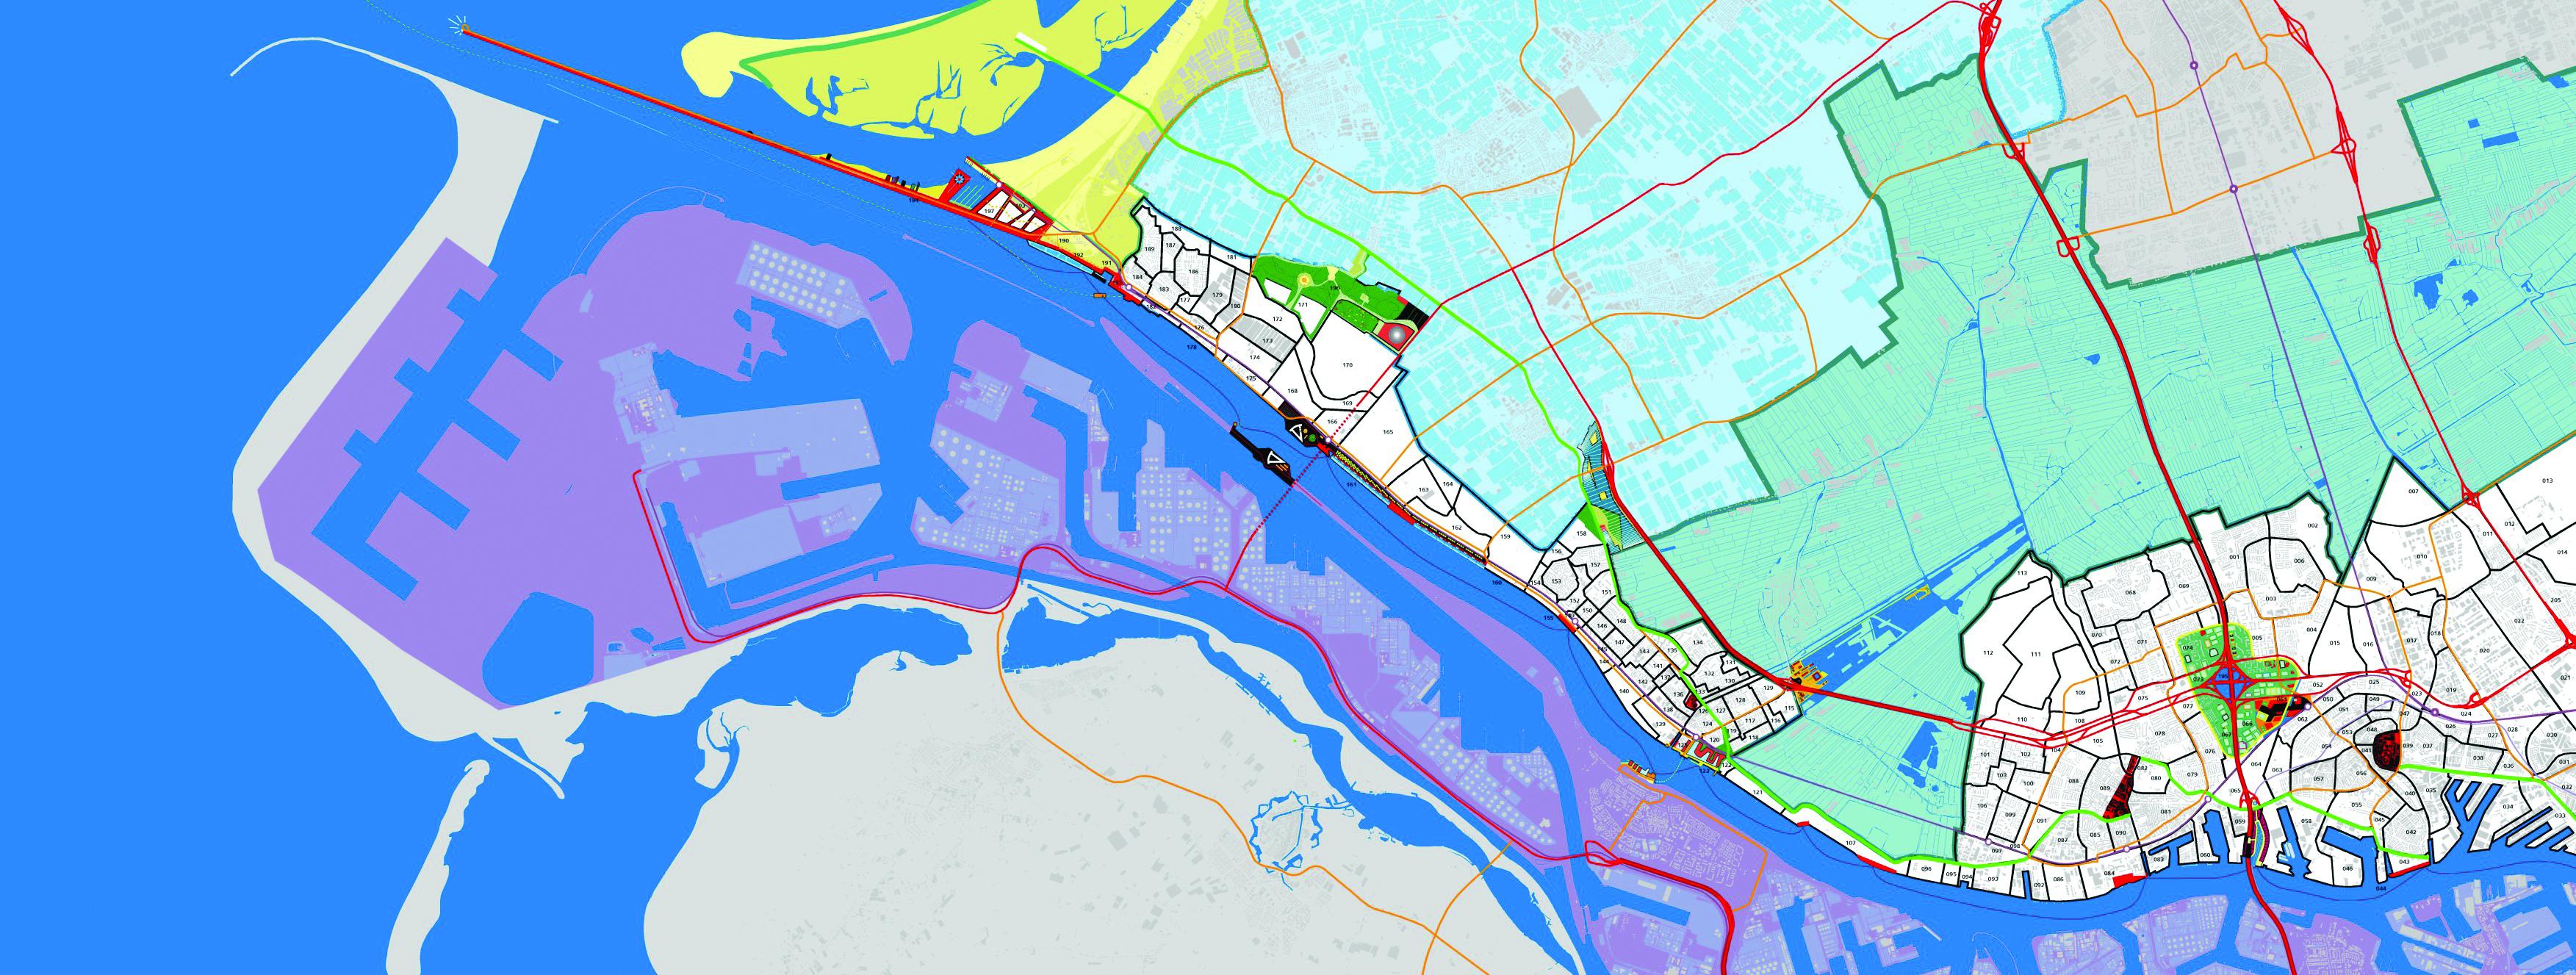 Onze plankaart voor het gebied tussen Rotterdam en Hoek van Holland. Deze plankaart maakten wij voor het project Welkom Thuis